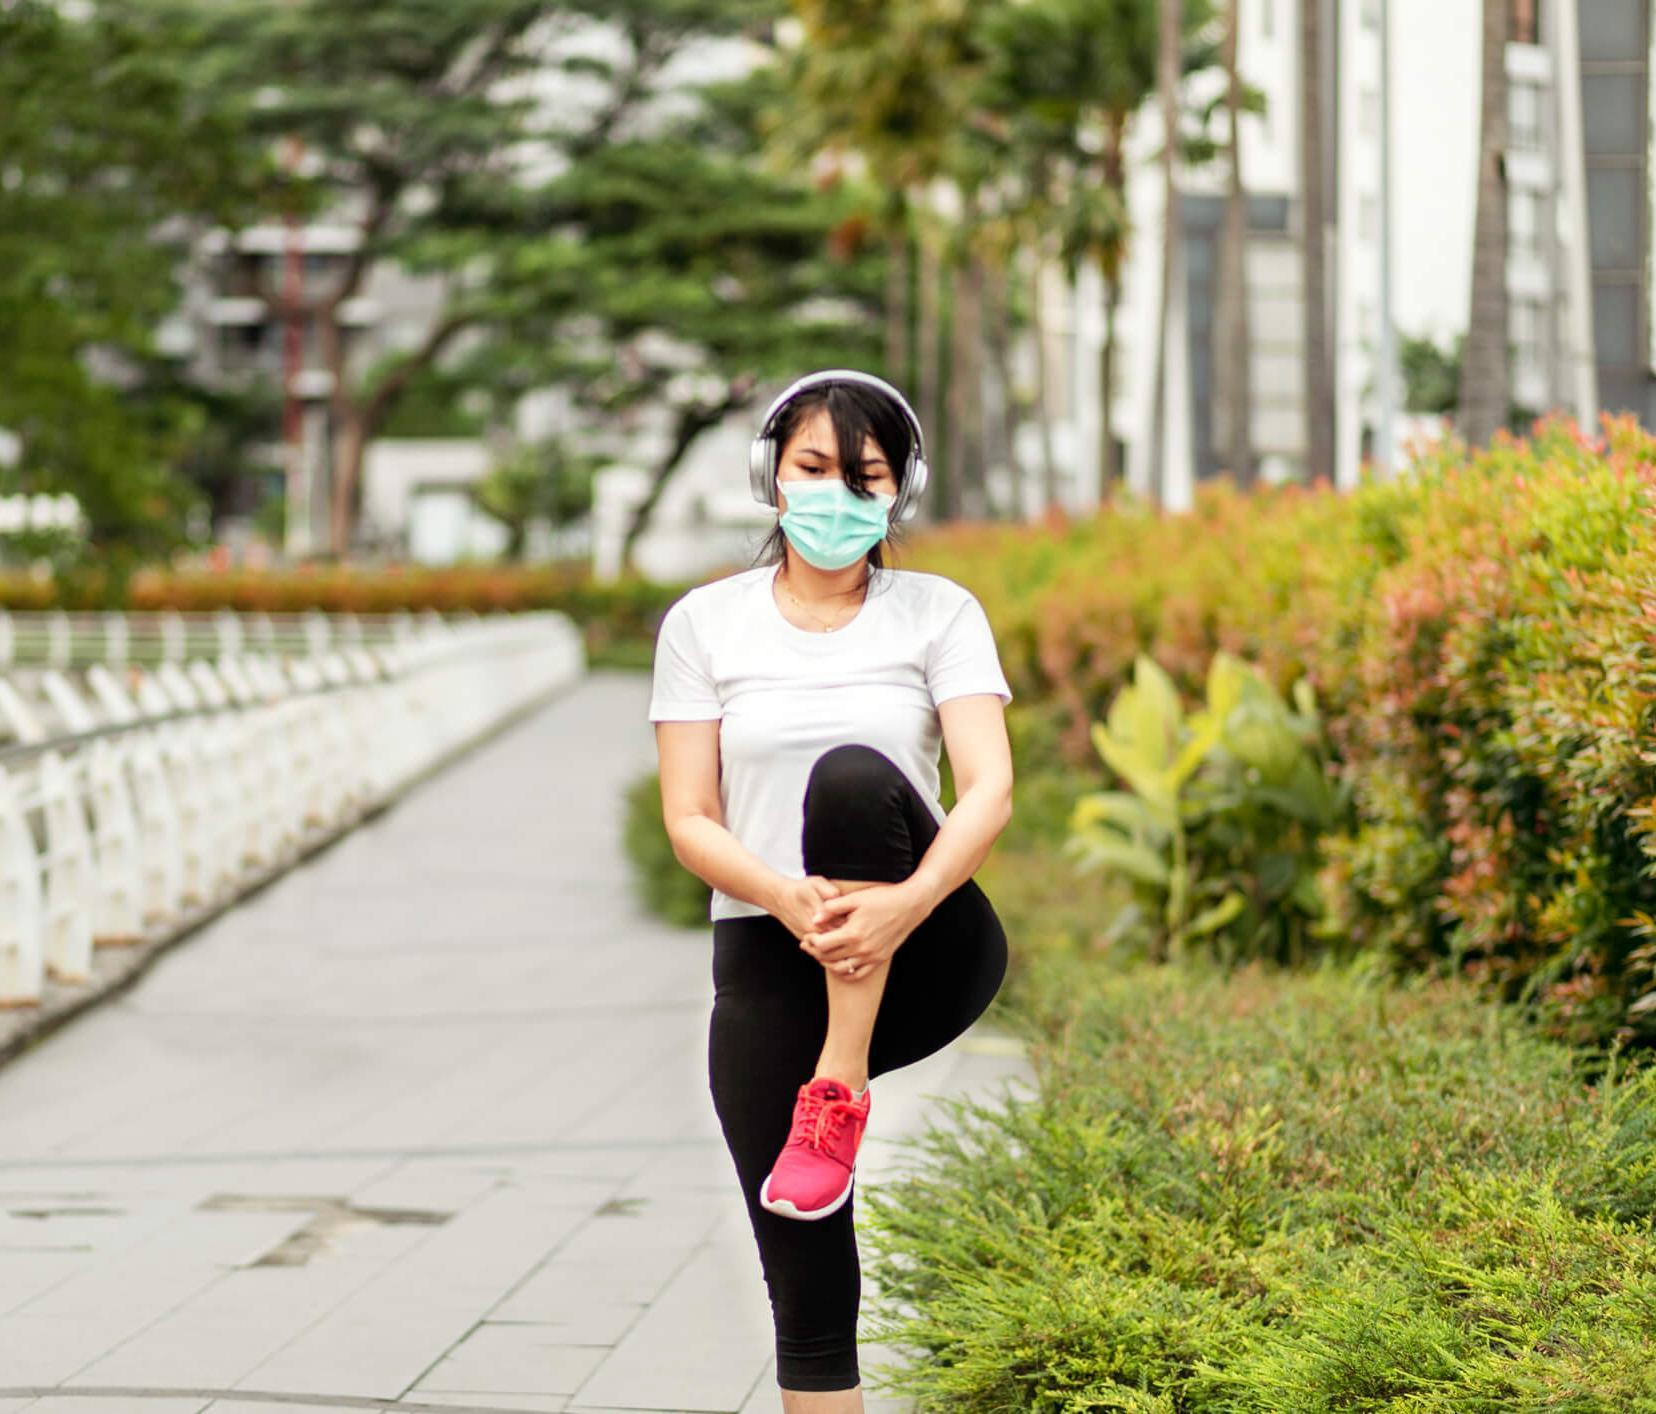 Reprendre une activité physique et sportive après le confinement